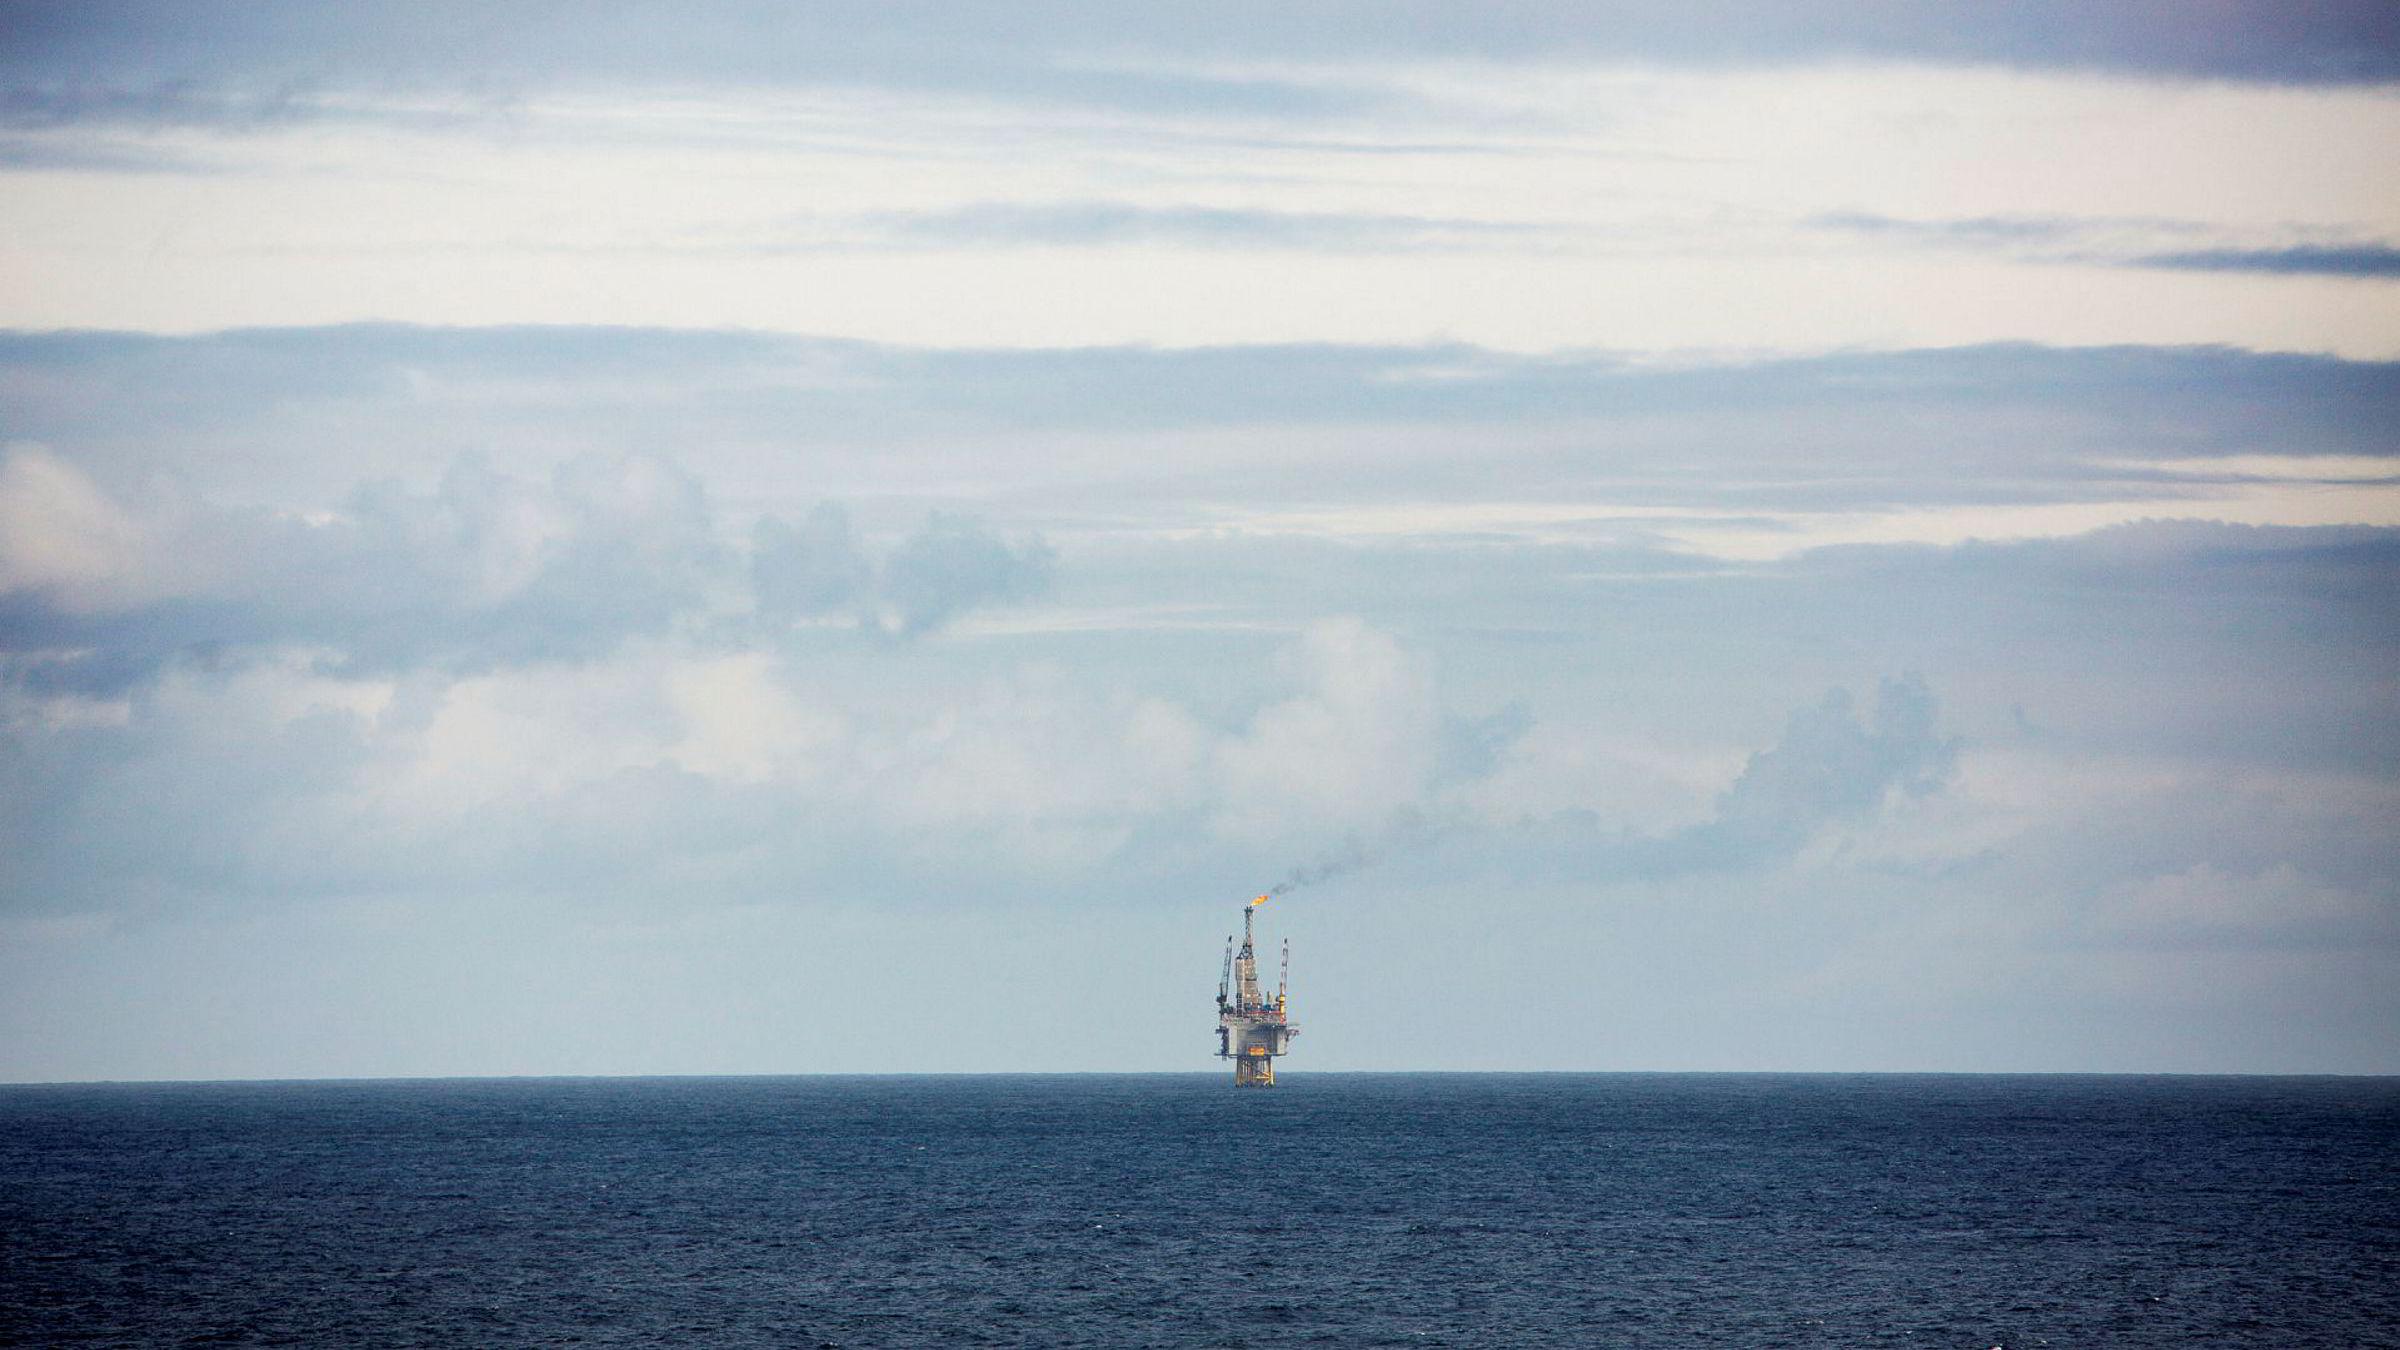 Ifølge DNB Markets har nedgangen i oljebransjen ført til stillingskutt på over 40.000, i tillegg til en reduksjon i statens inntekter fra 408 milliarder i 2012 til 121 i år.